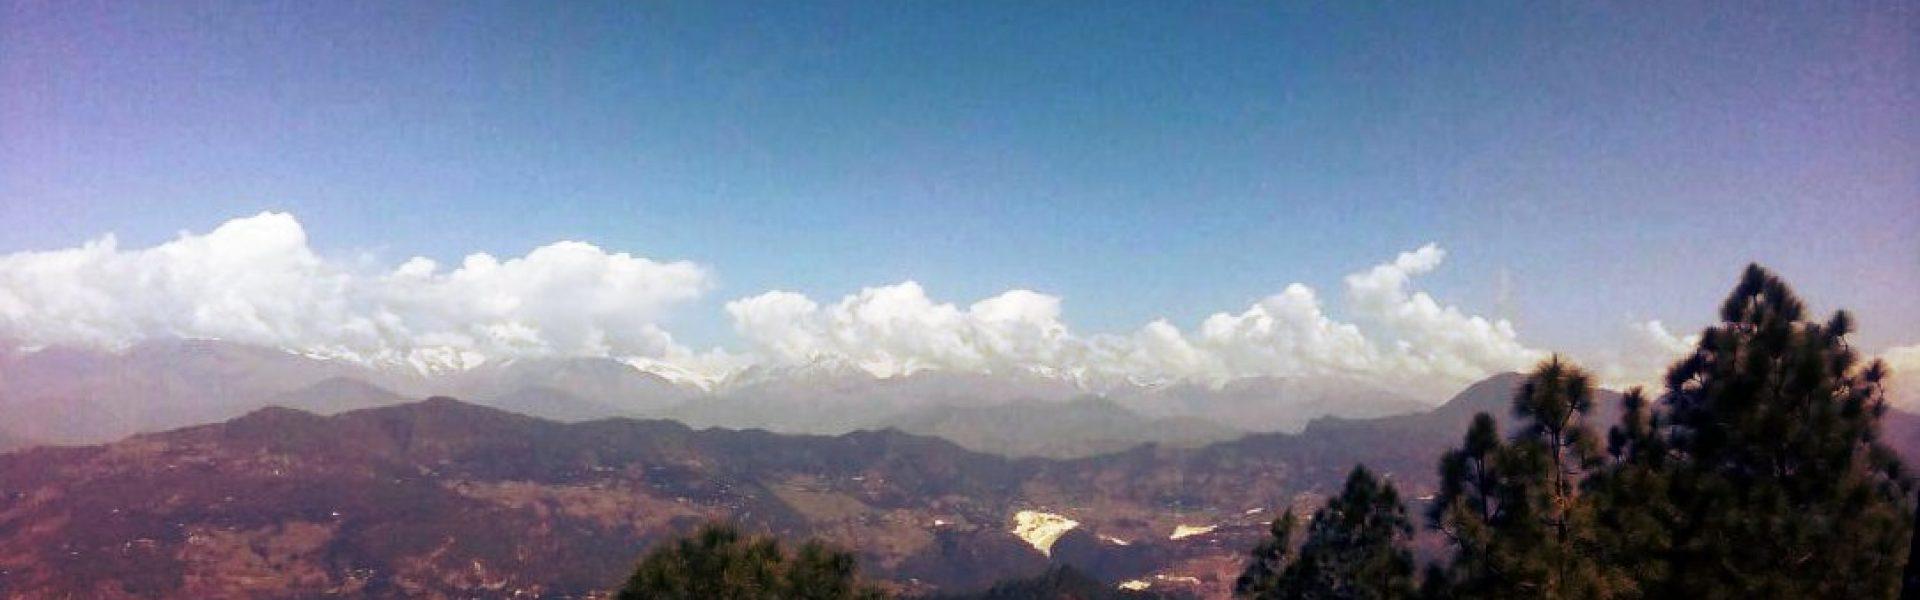 Linger, Chestnut Grove, Vijaypur, Bageshwar (Uttarakhand)